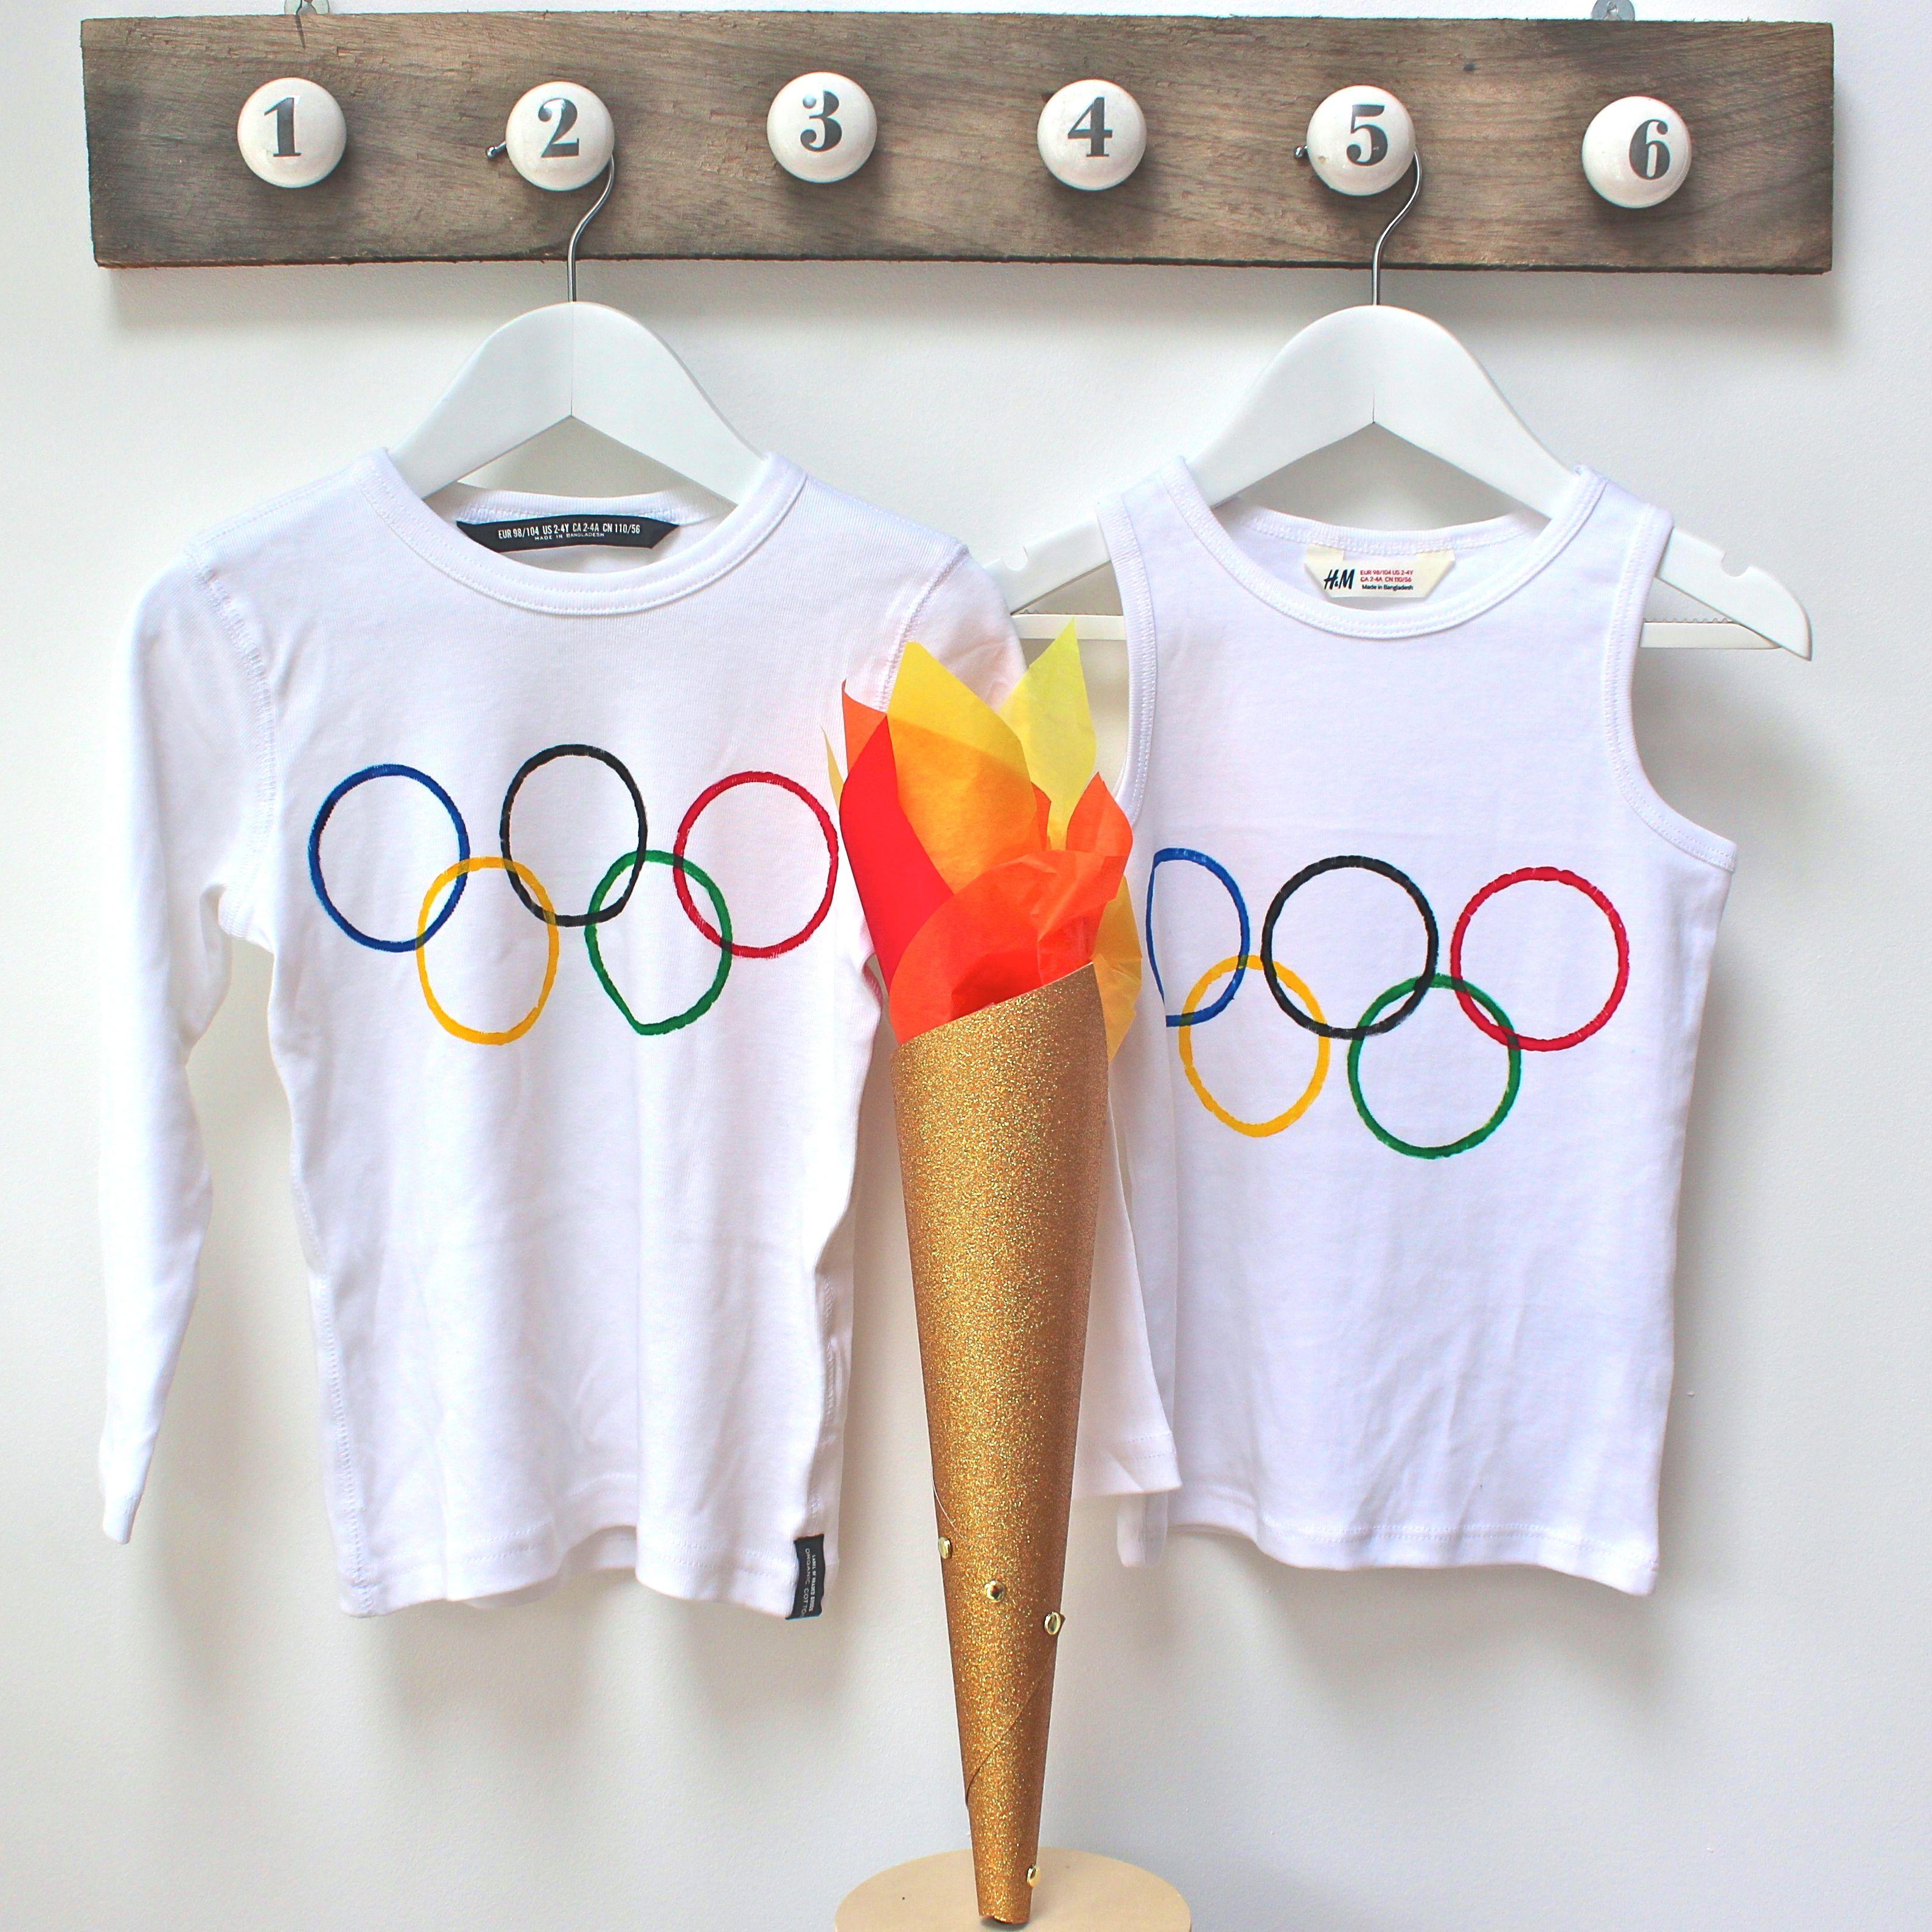 Tocha Olímpica e Anéis Olímpicos em camisetas